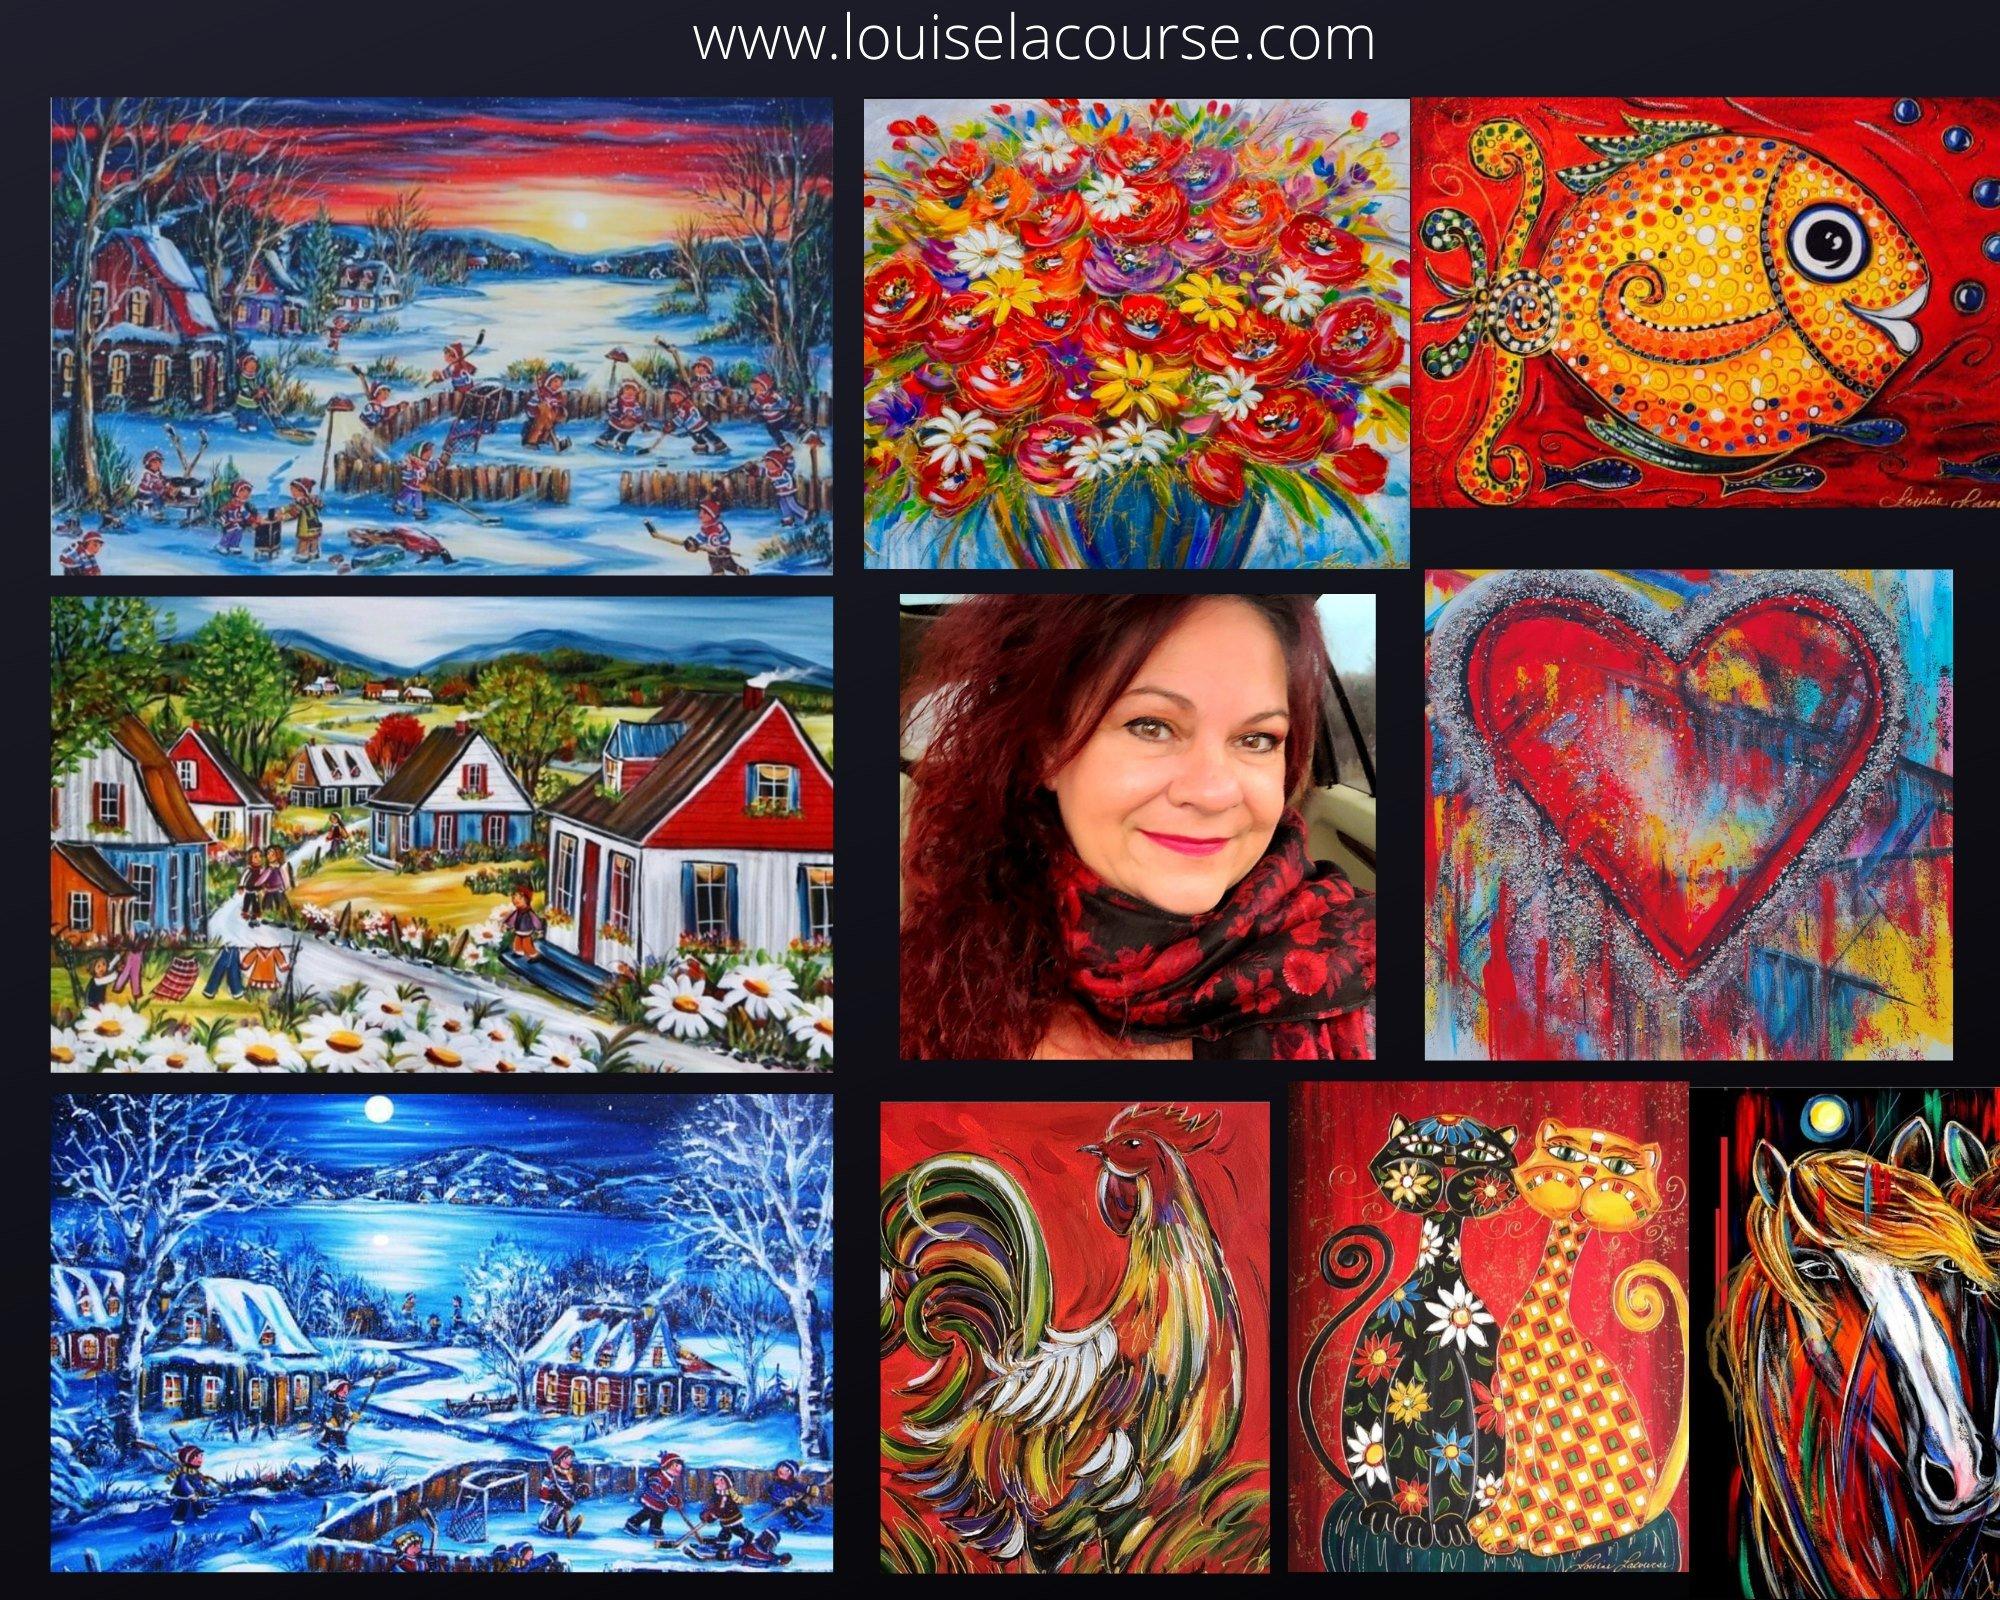 Louise Lacourse Artiste peintre